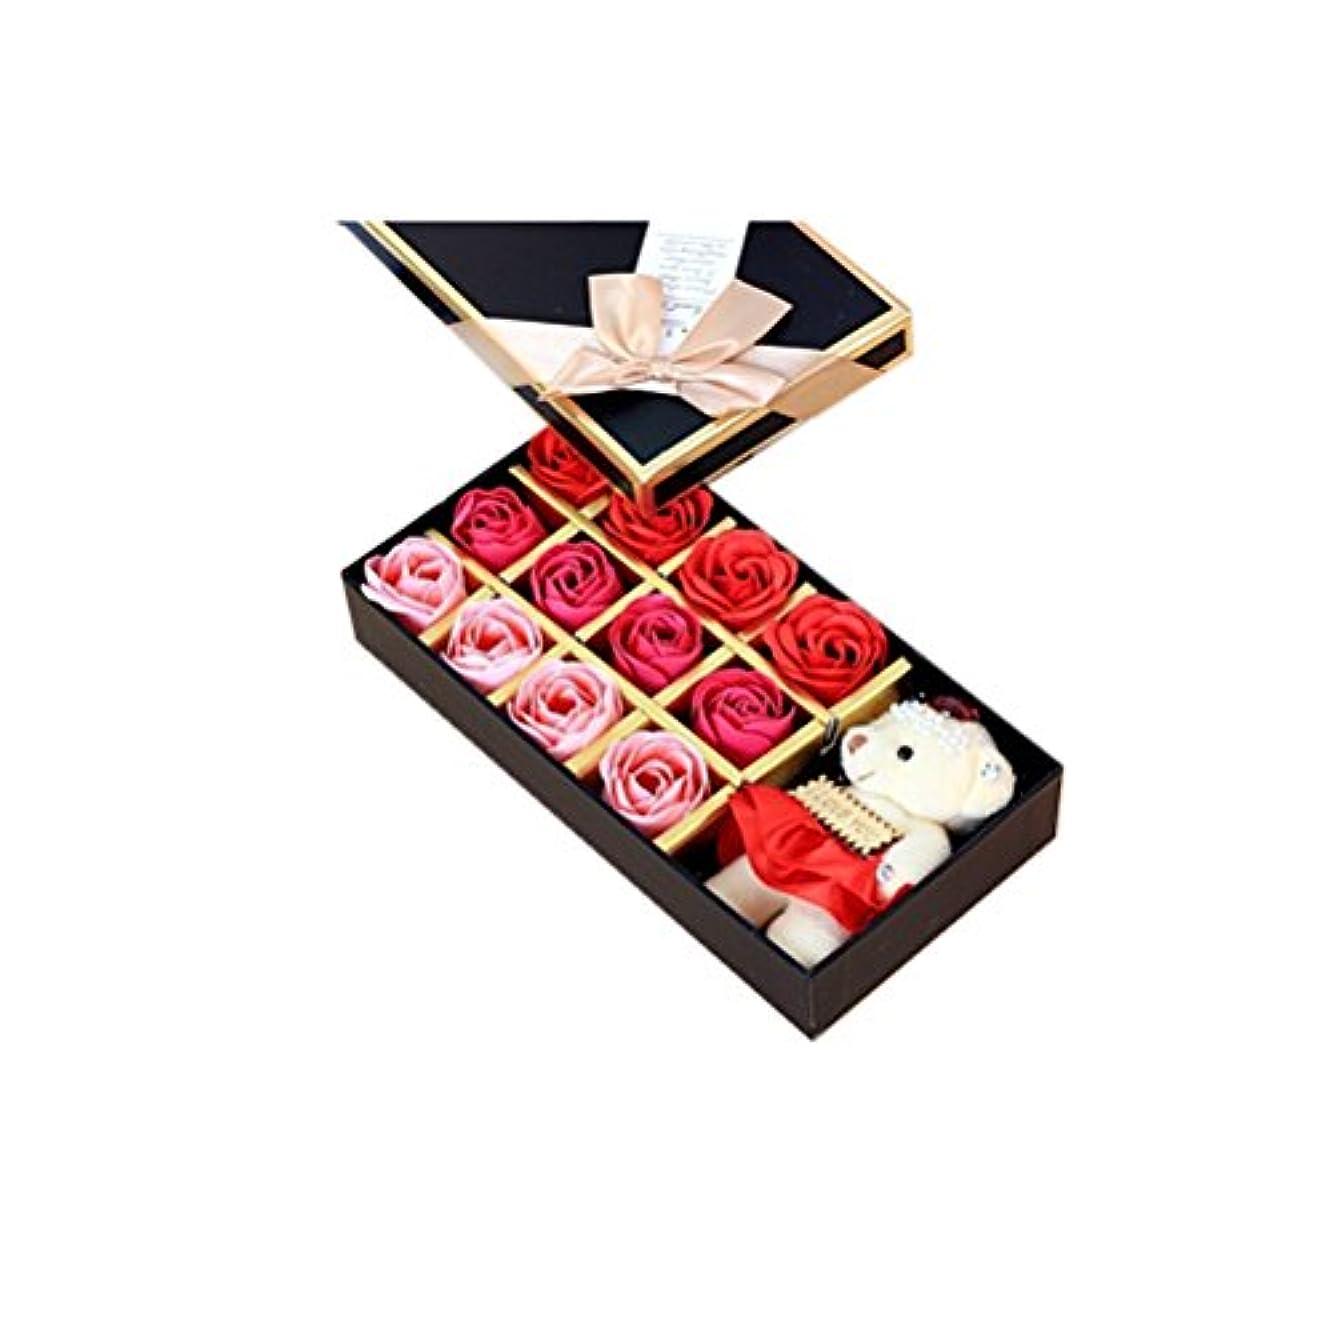 暴力的な調和刈り取るROSENICE 香り バラの花 お風呂 石鹸 ギフトボックス (赤)